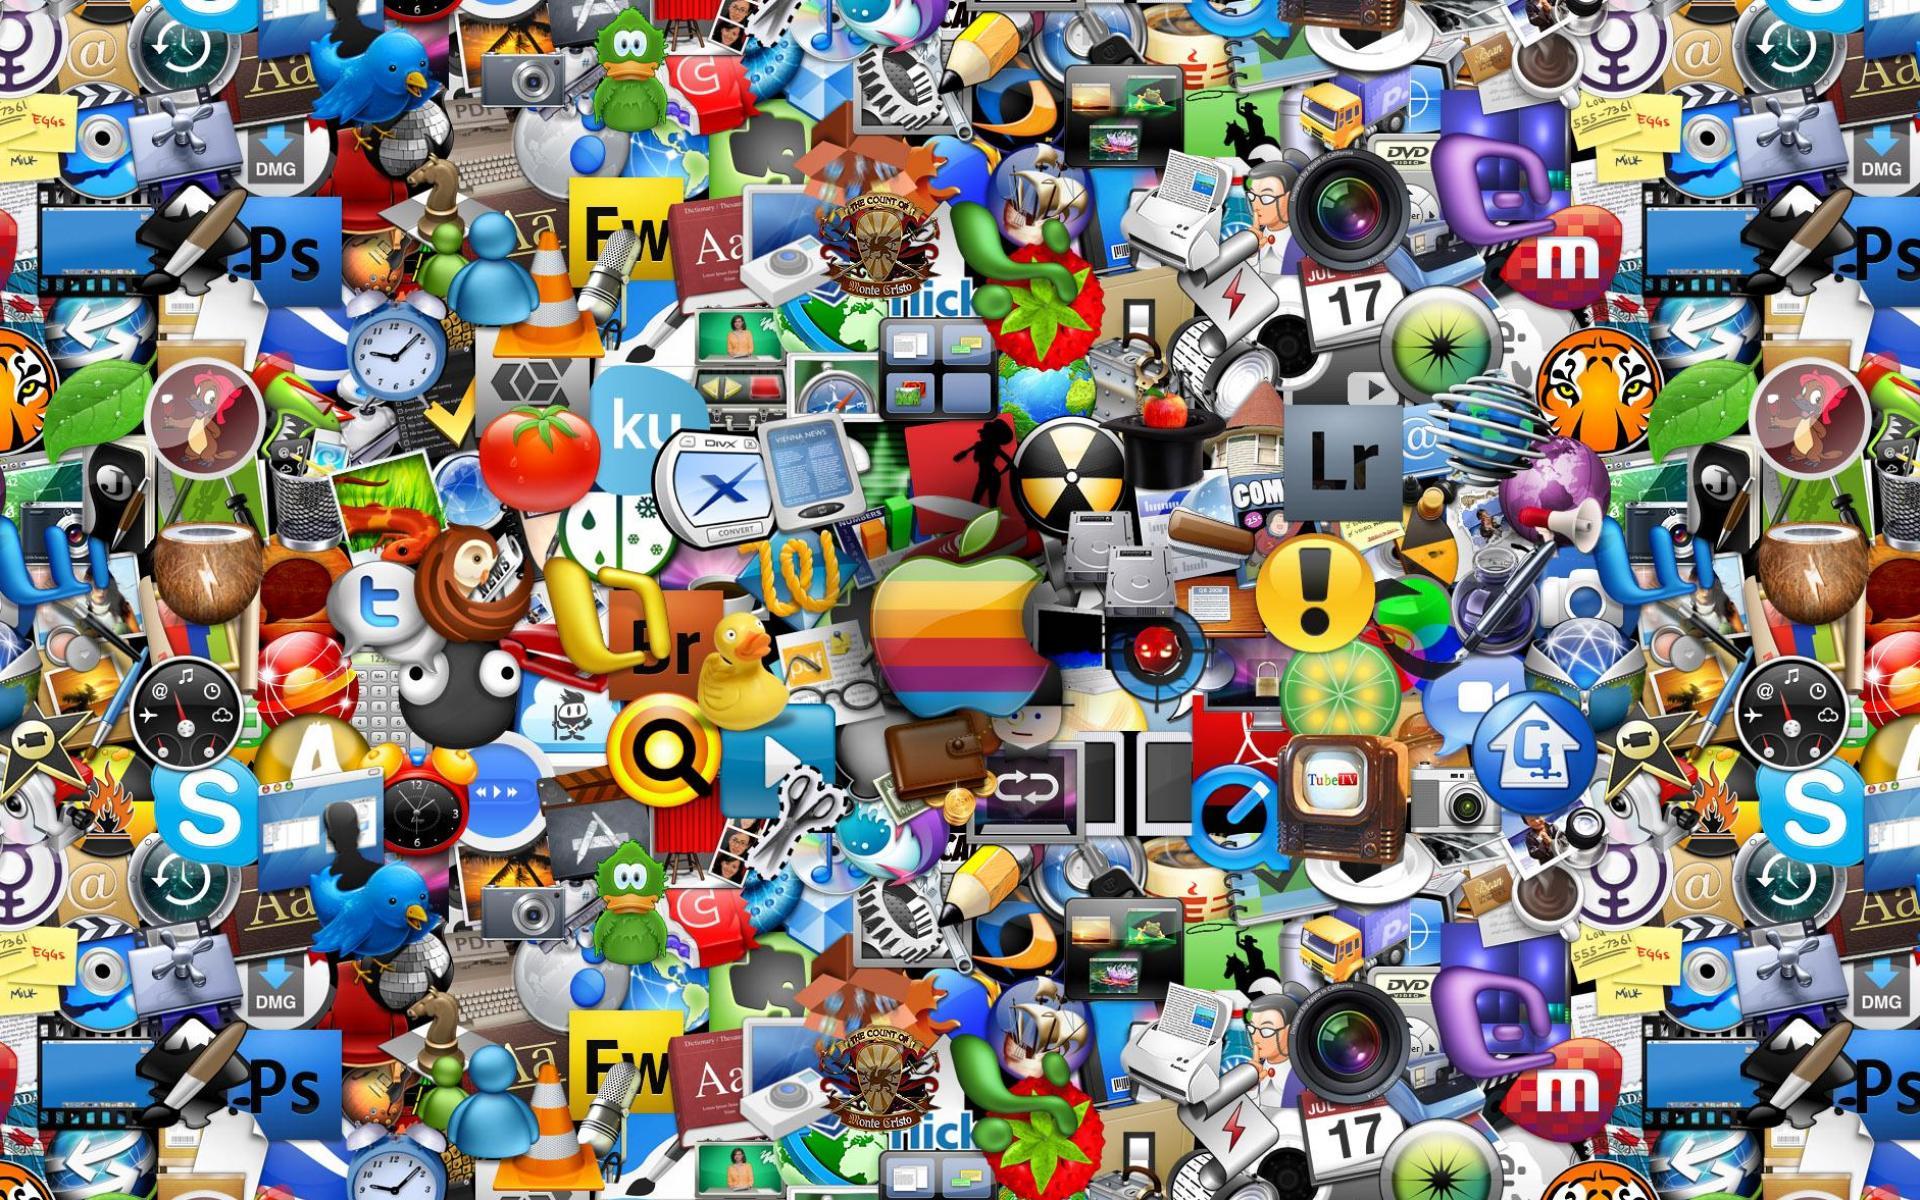 Компьютерные иконки, бесплатные фото ...: pictures11.ru/kompyuternye-ikonki.html